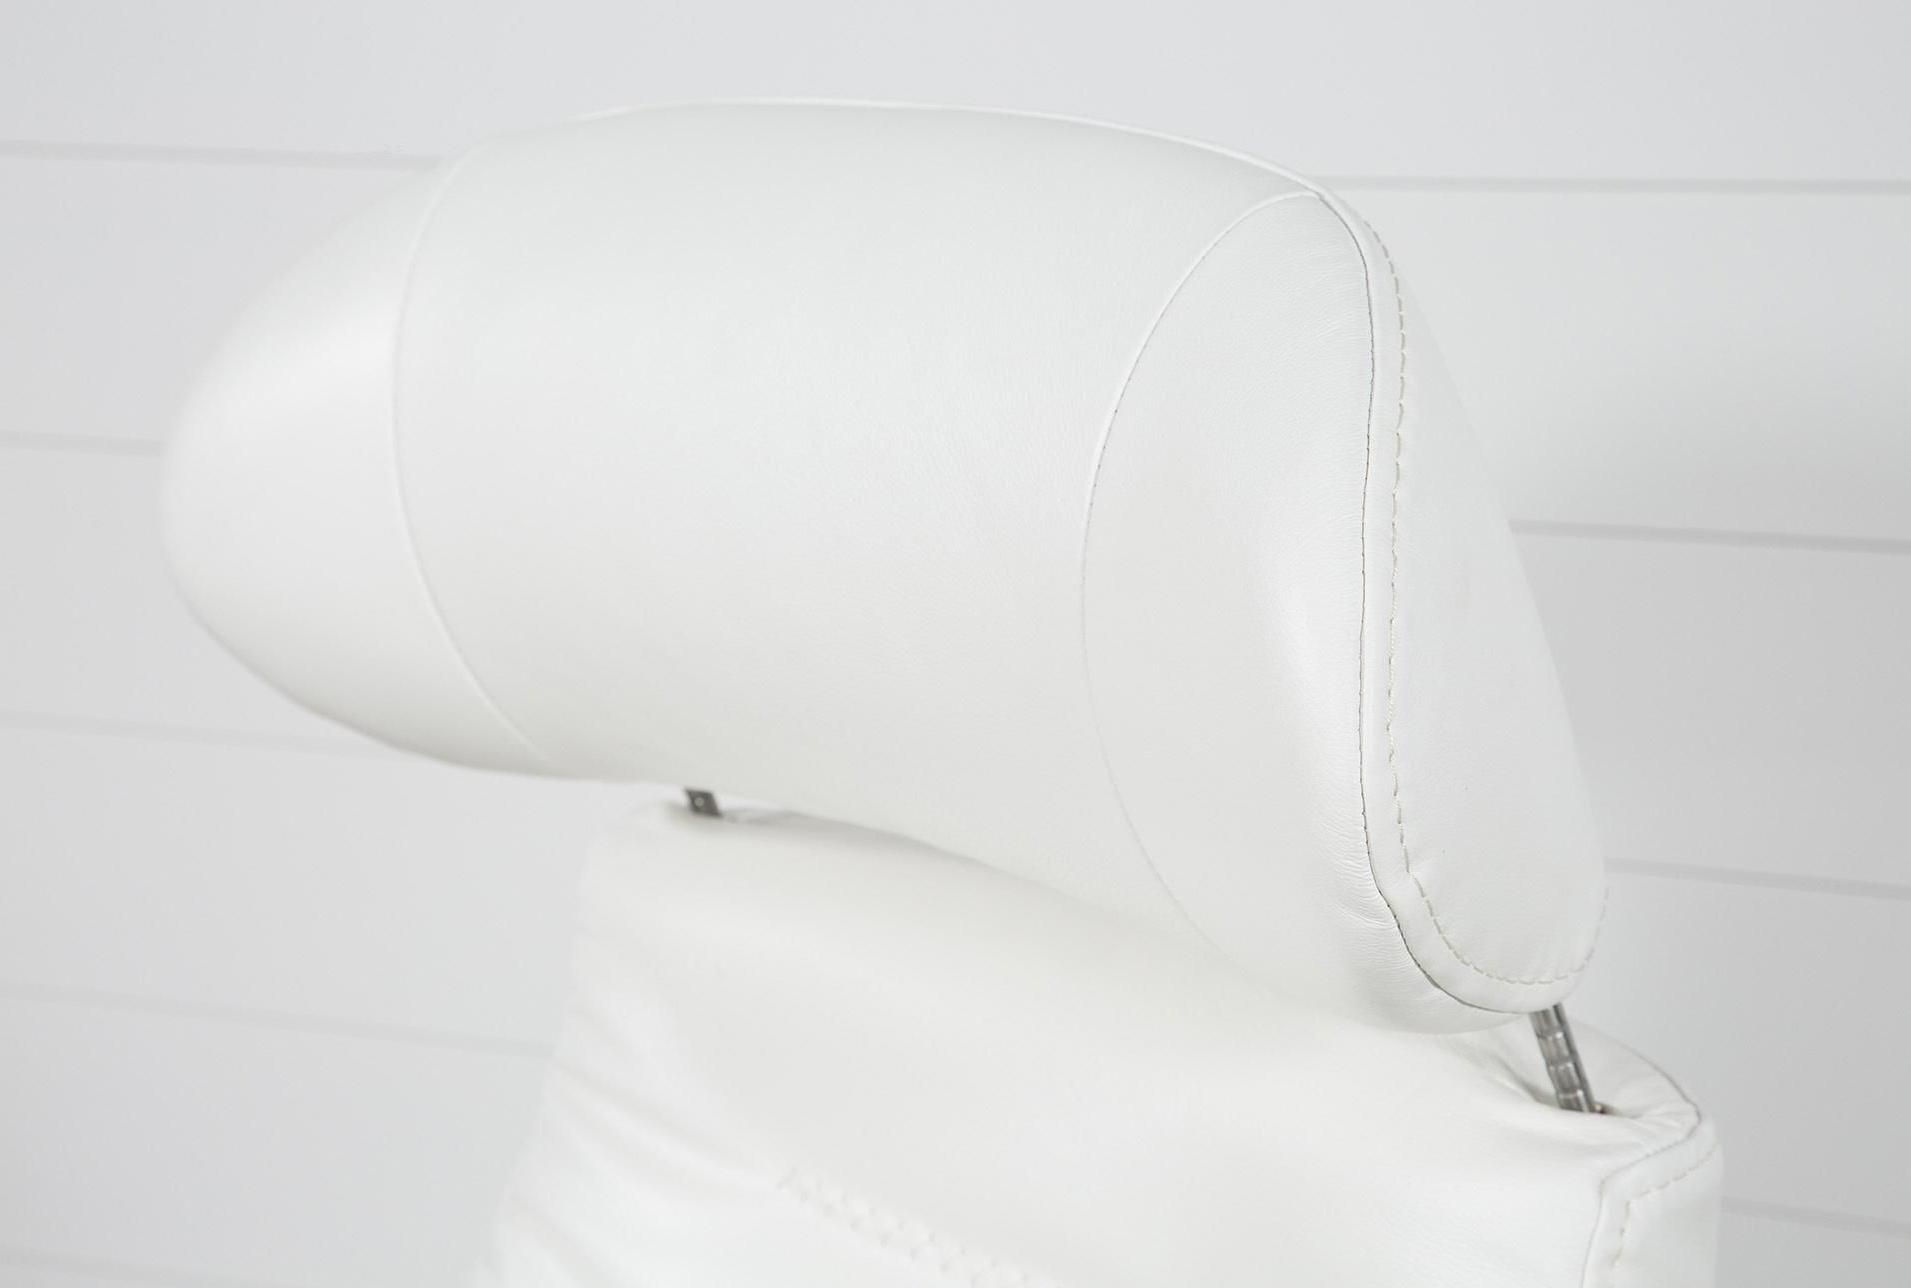 Famous Amala White Leather Reclining Swivel Chair #whiteleatherchair With Regard To Amala White Leather Reclining Swivel Chairs (View 4 of 20)